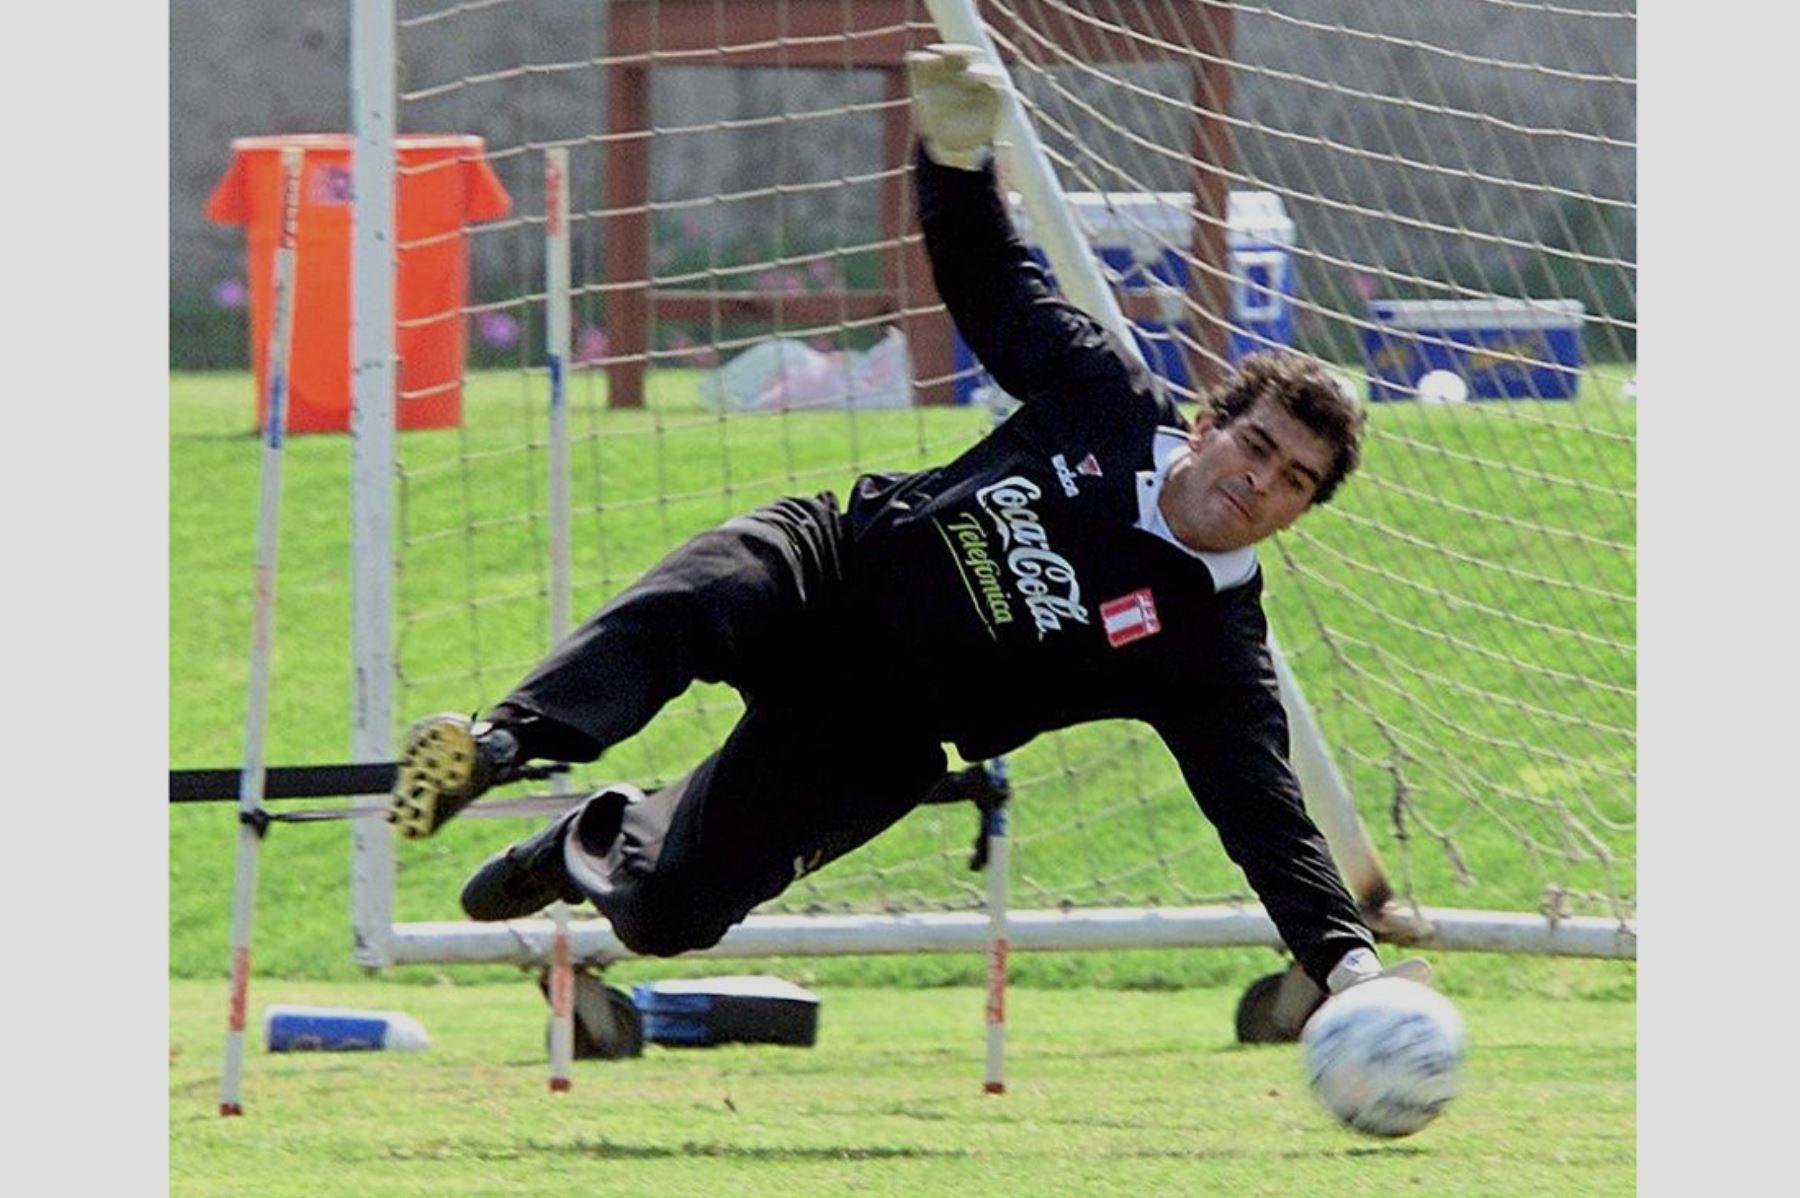 Lima - 31 mayo 2000 / El arquero de la selección peruana Miguel Miranda ataja el balón durante el entrenamiento de su equipo con vistas al partido del  4 de junio frente a Brasil por las eliminatorias del mundial Japón-Corea del Sur 2002.  Foto: AFP